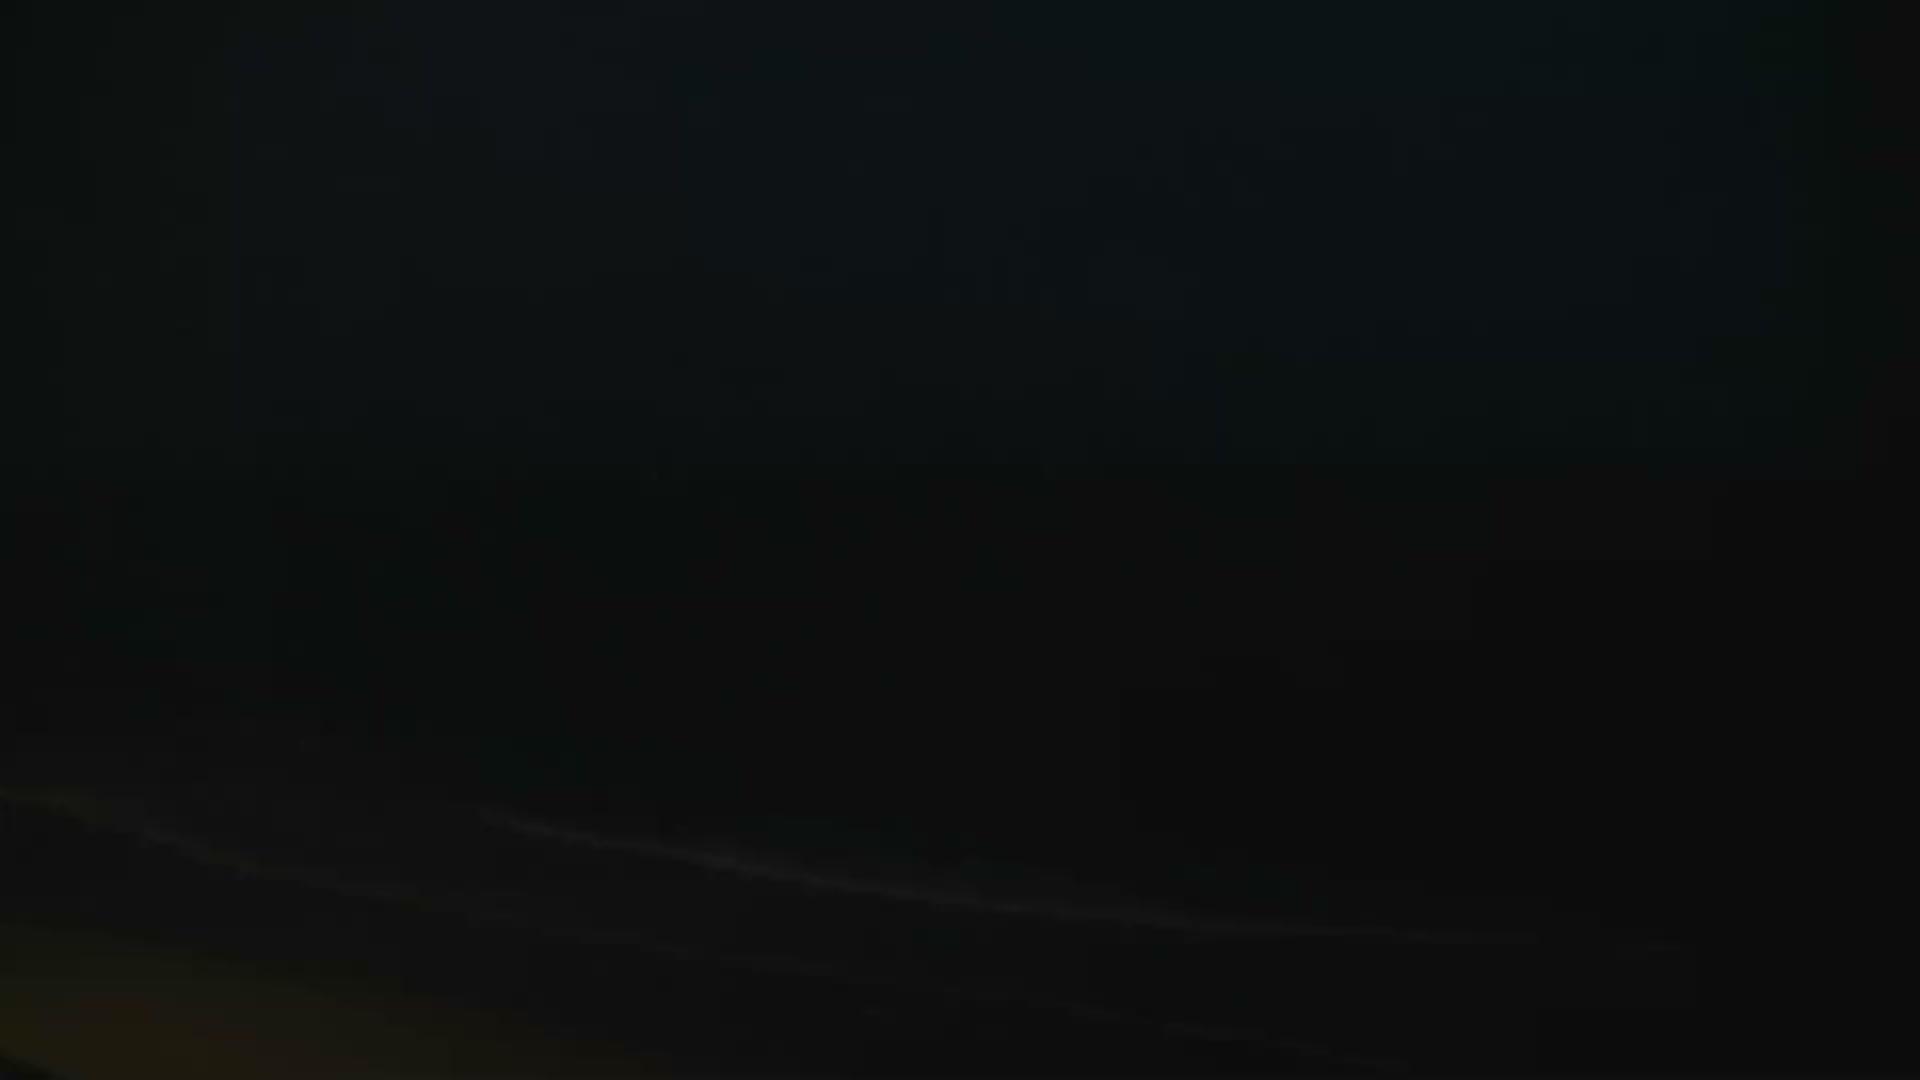 Dunkirk Mon. 05:26